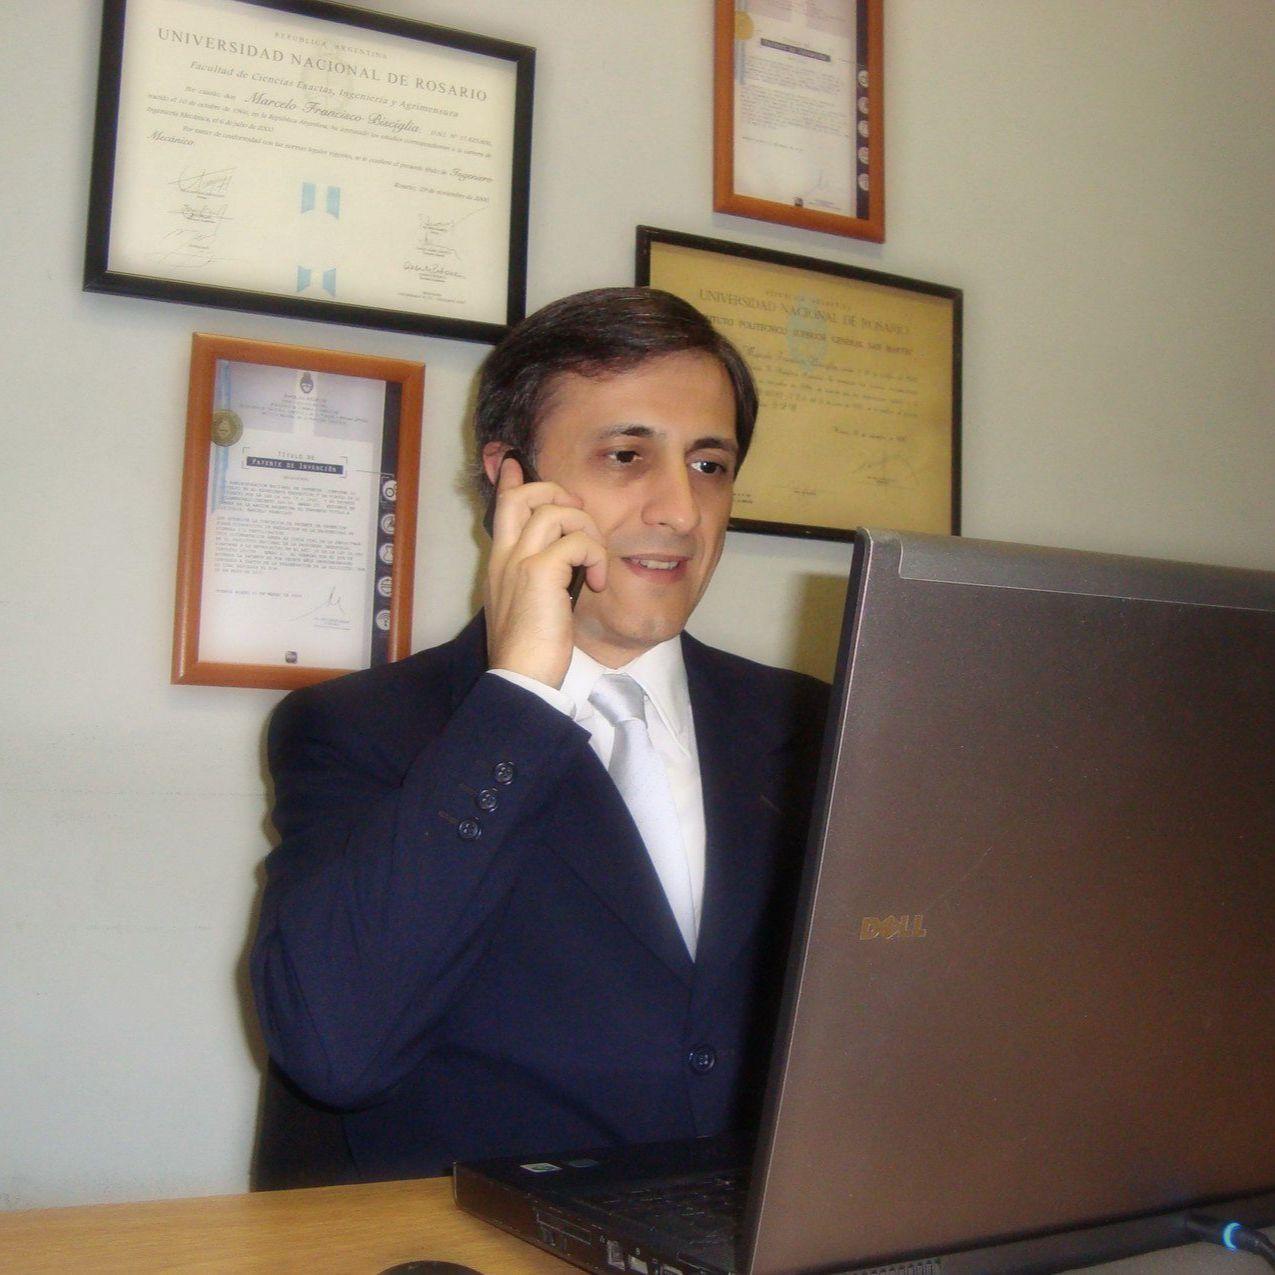 Marcelo Francisco Bisciglia